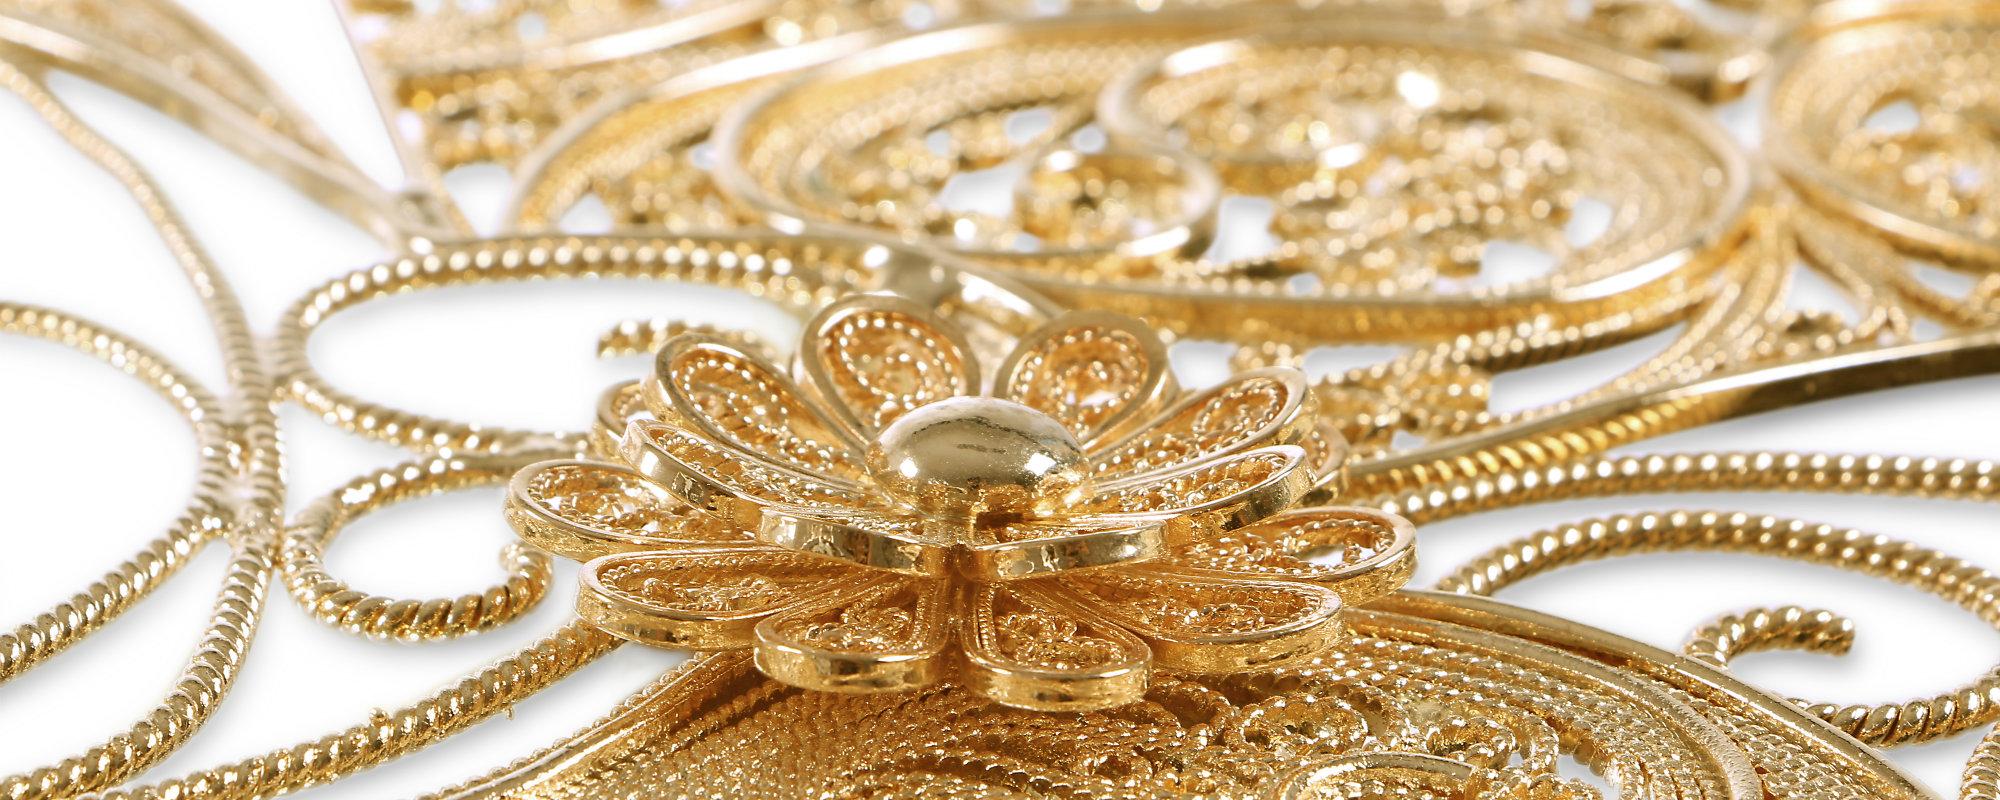 La arte de Filigrés es importante para el mundo del diseño de lujo diseño de lujo La arte de Filigrés es importante para el mundo del diseño de lujo Featured